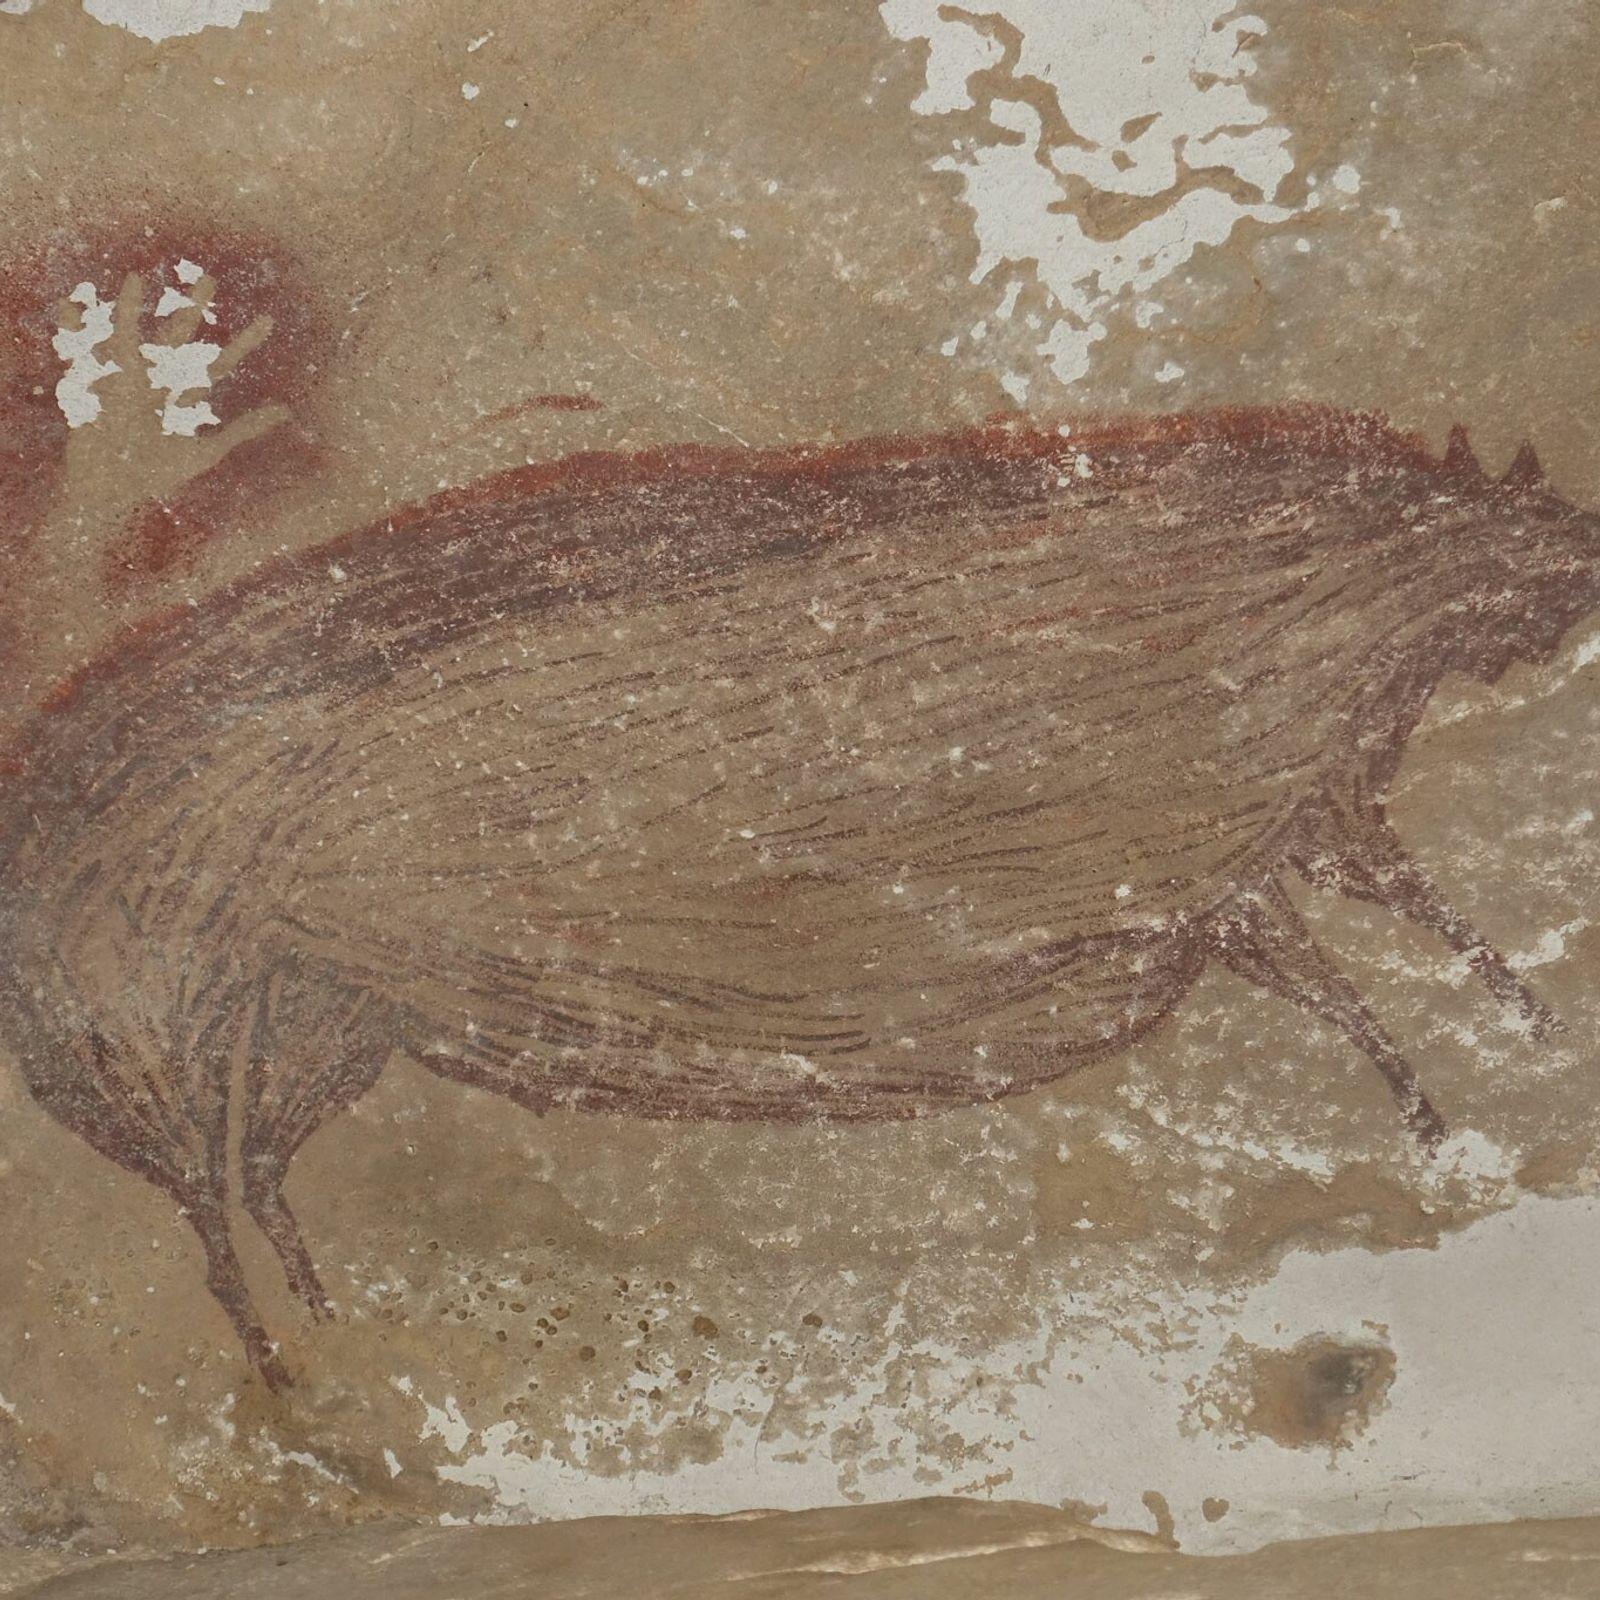 Pintura rupestre de un cerdo verrugoso